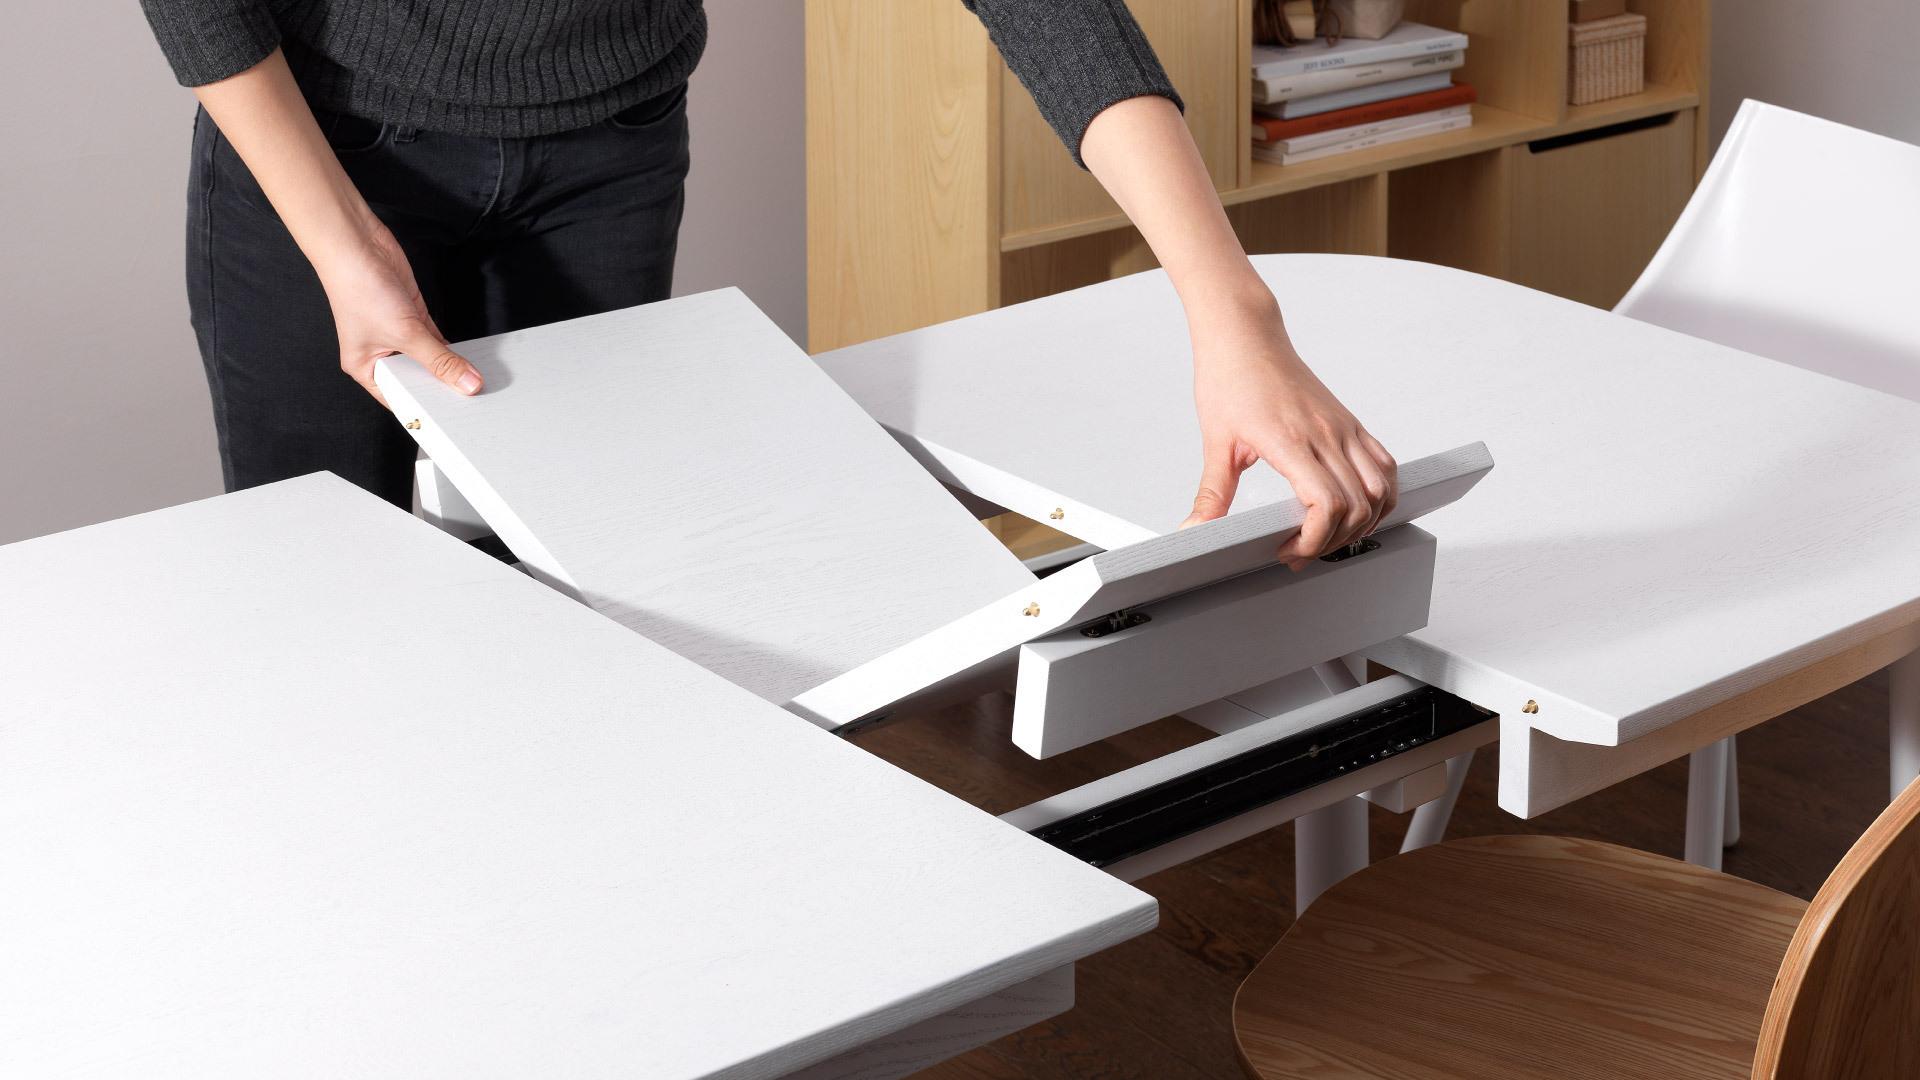 瓦雀伸缩桌,兼具颜值与功能性的漂亮伸缩桌